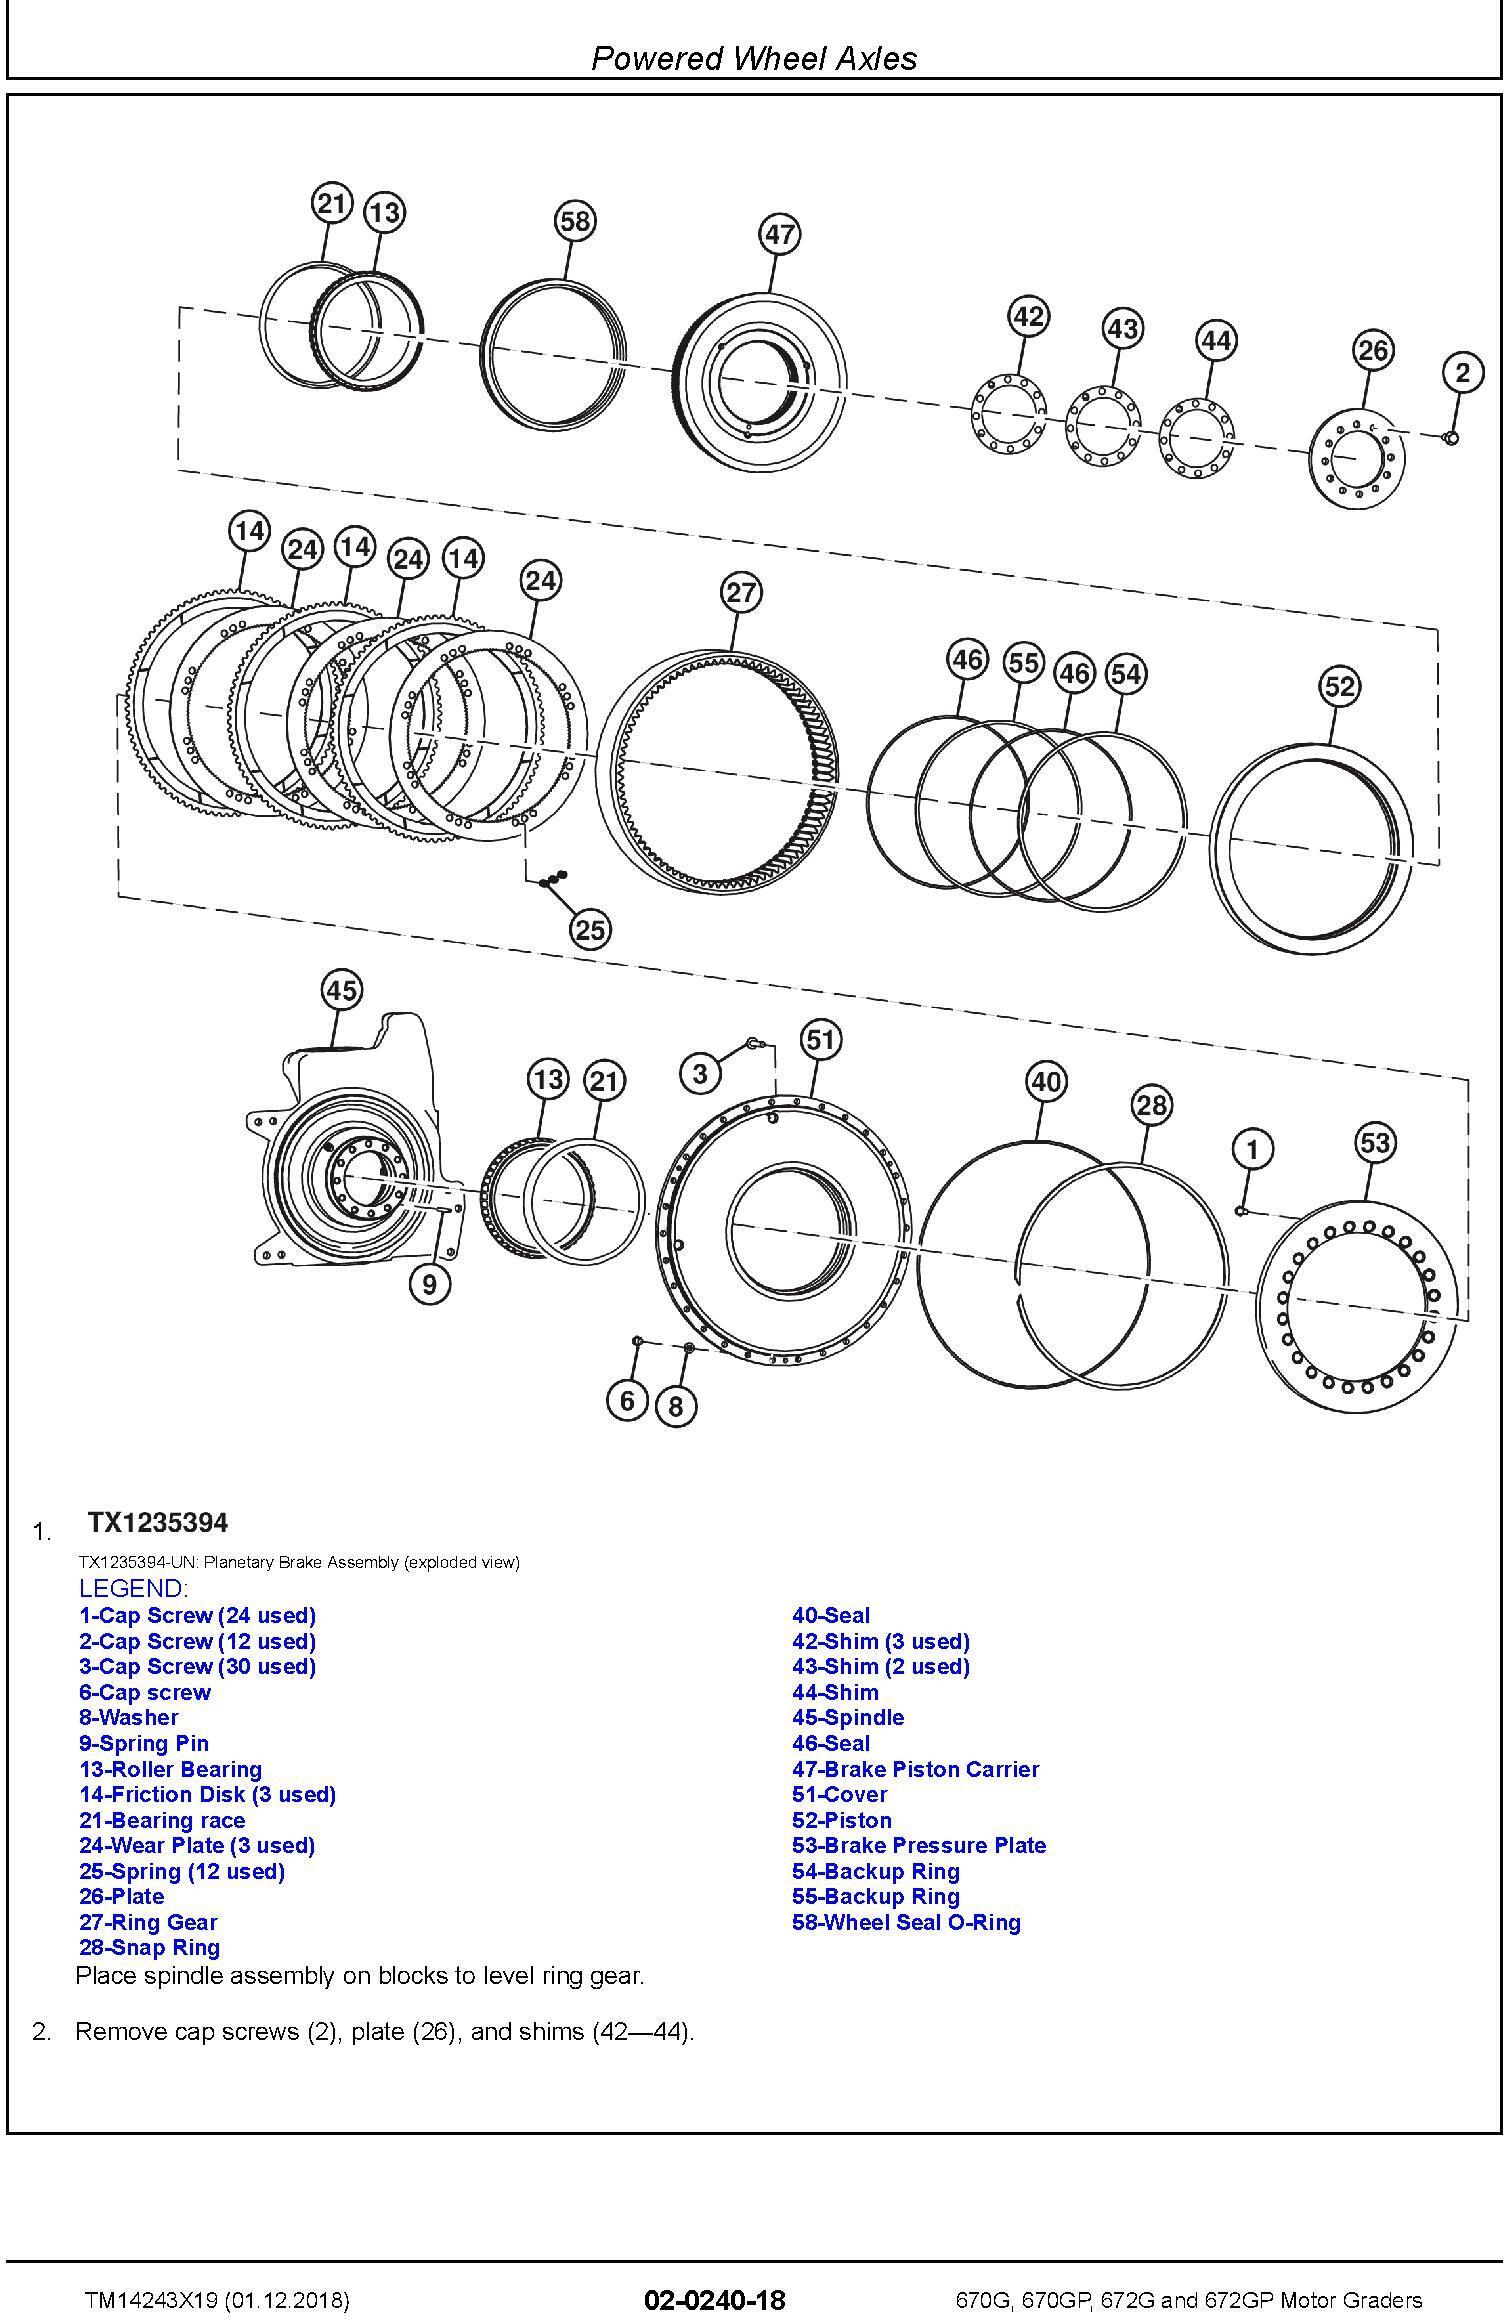 John Deere 670G, 670GP, 672G, 672GP (SN.F680878-, L700954-) Motor Graders Repair Manual (TM14243X19) - 2